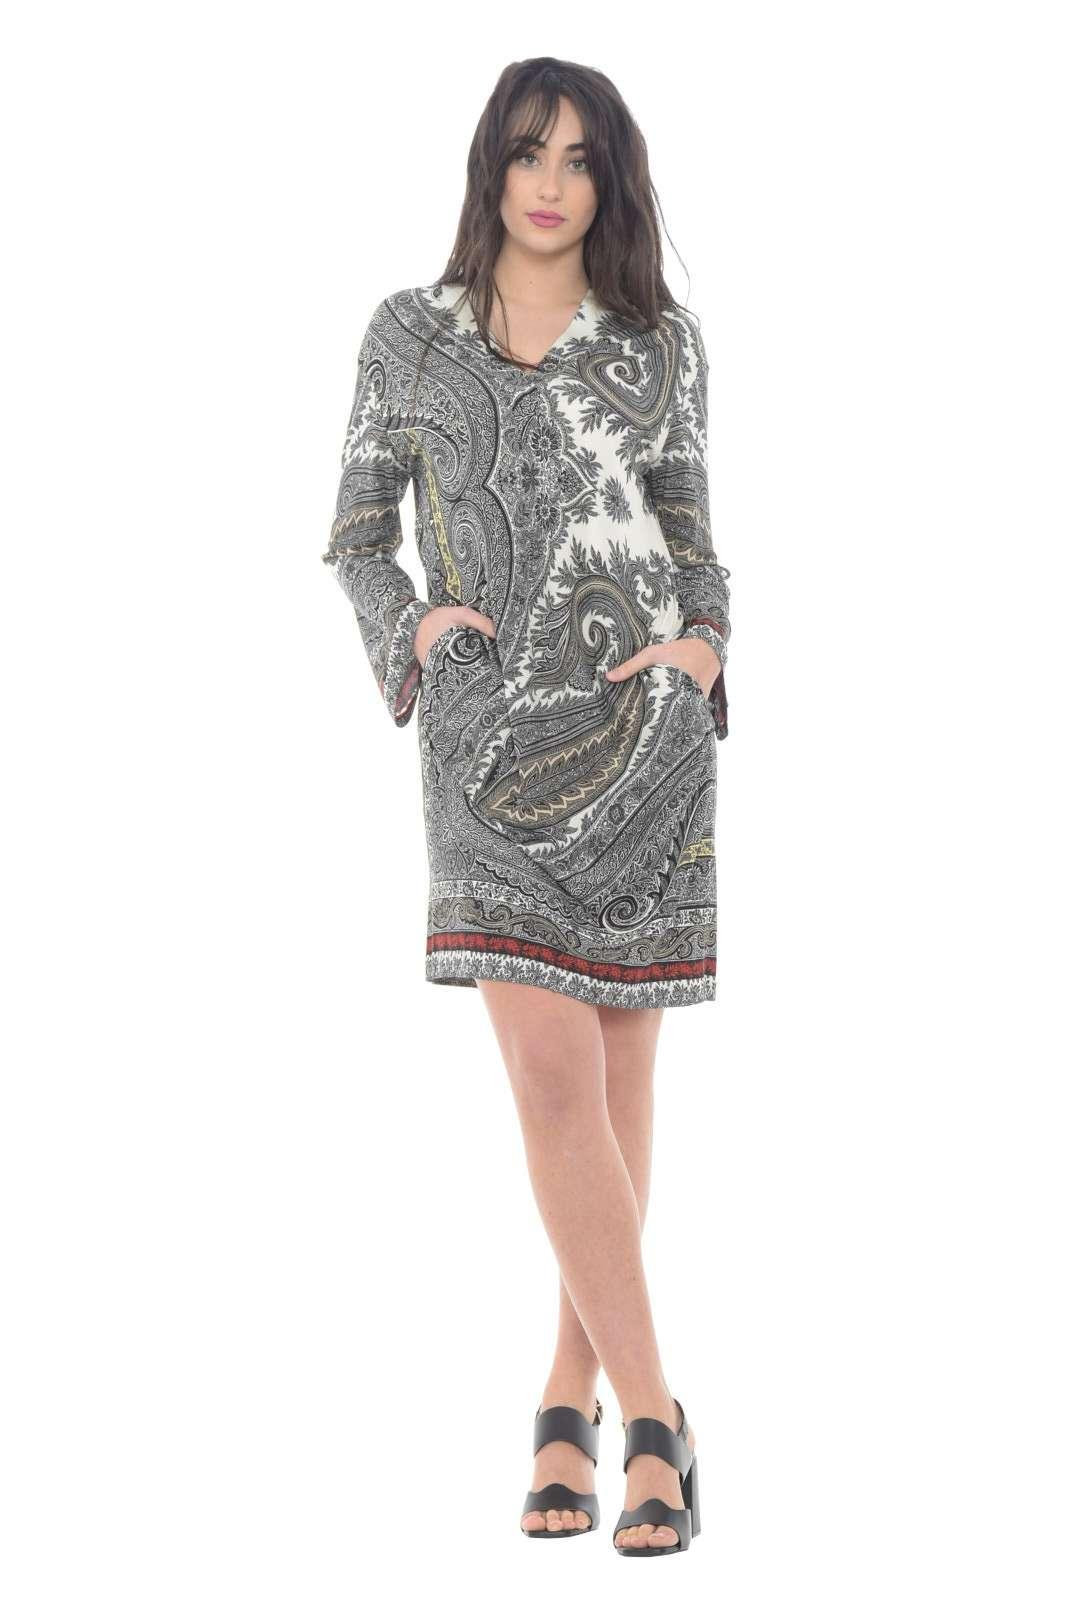 Stile e classicità, racchiusi in questo abito Etro, pensato per la primavera estate. Caratterizzato da una fantasia in contrasto di colore dallo stile unico, che regala carattere al capo. Per la donna che ama variare i propri look.